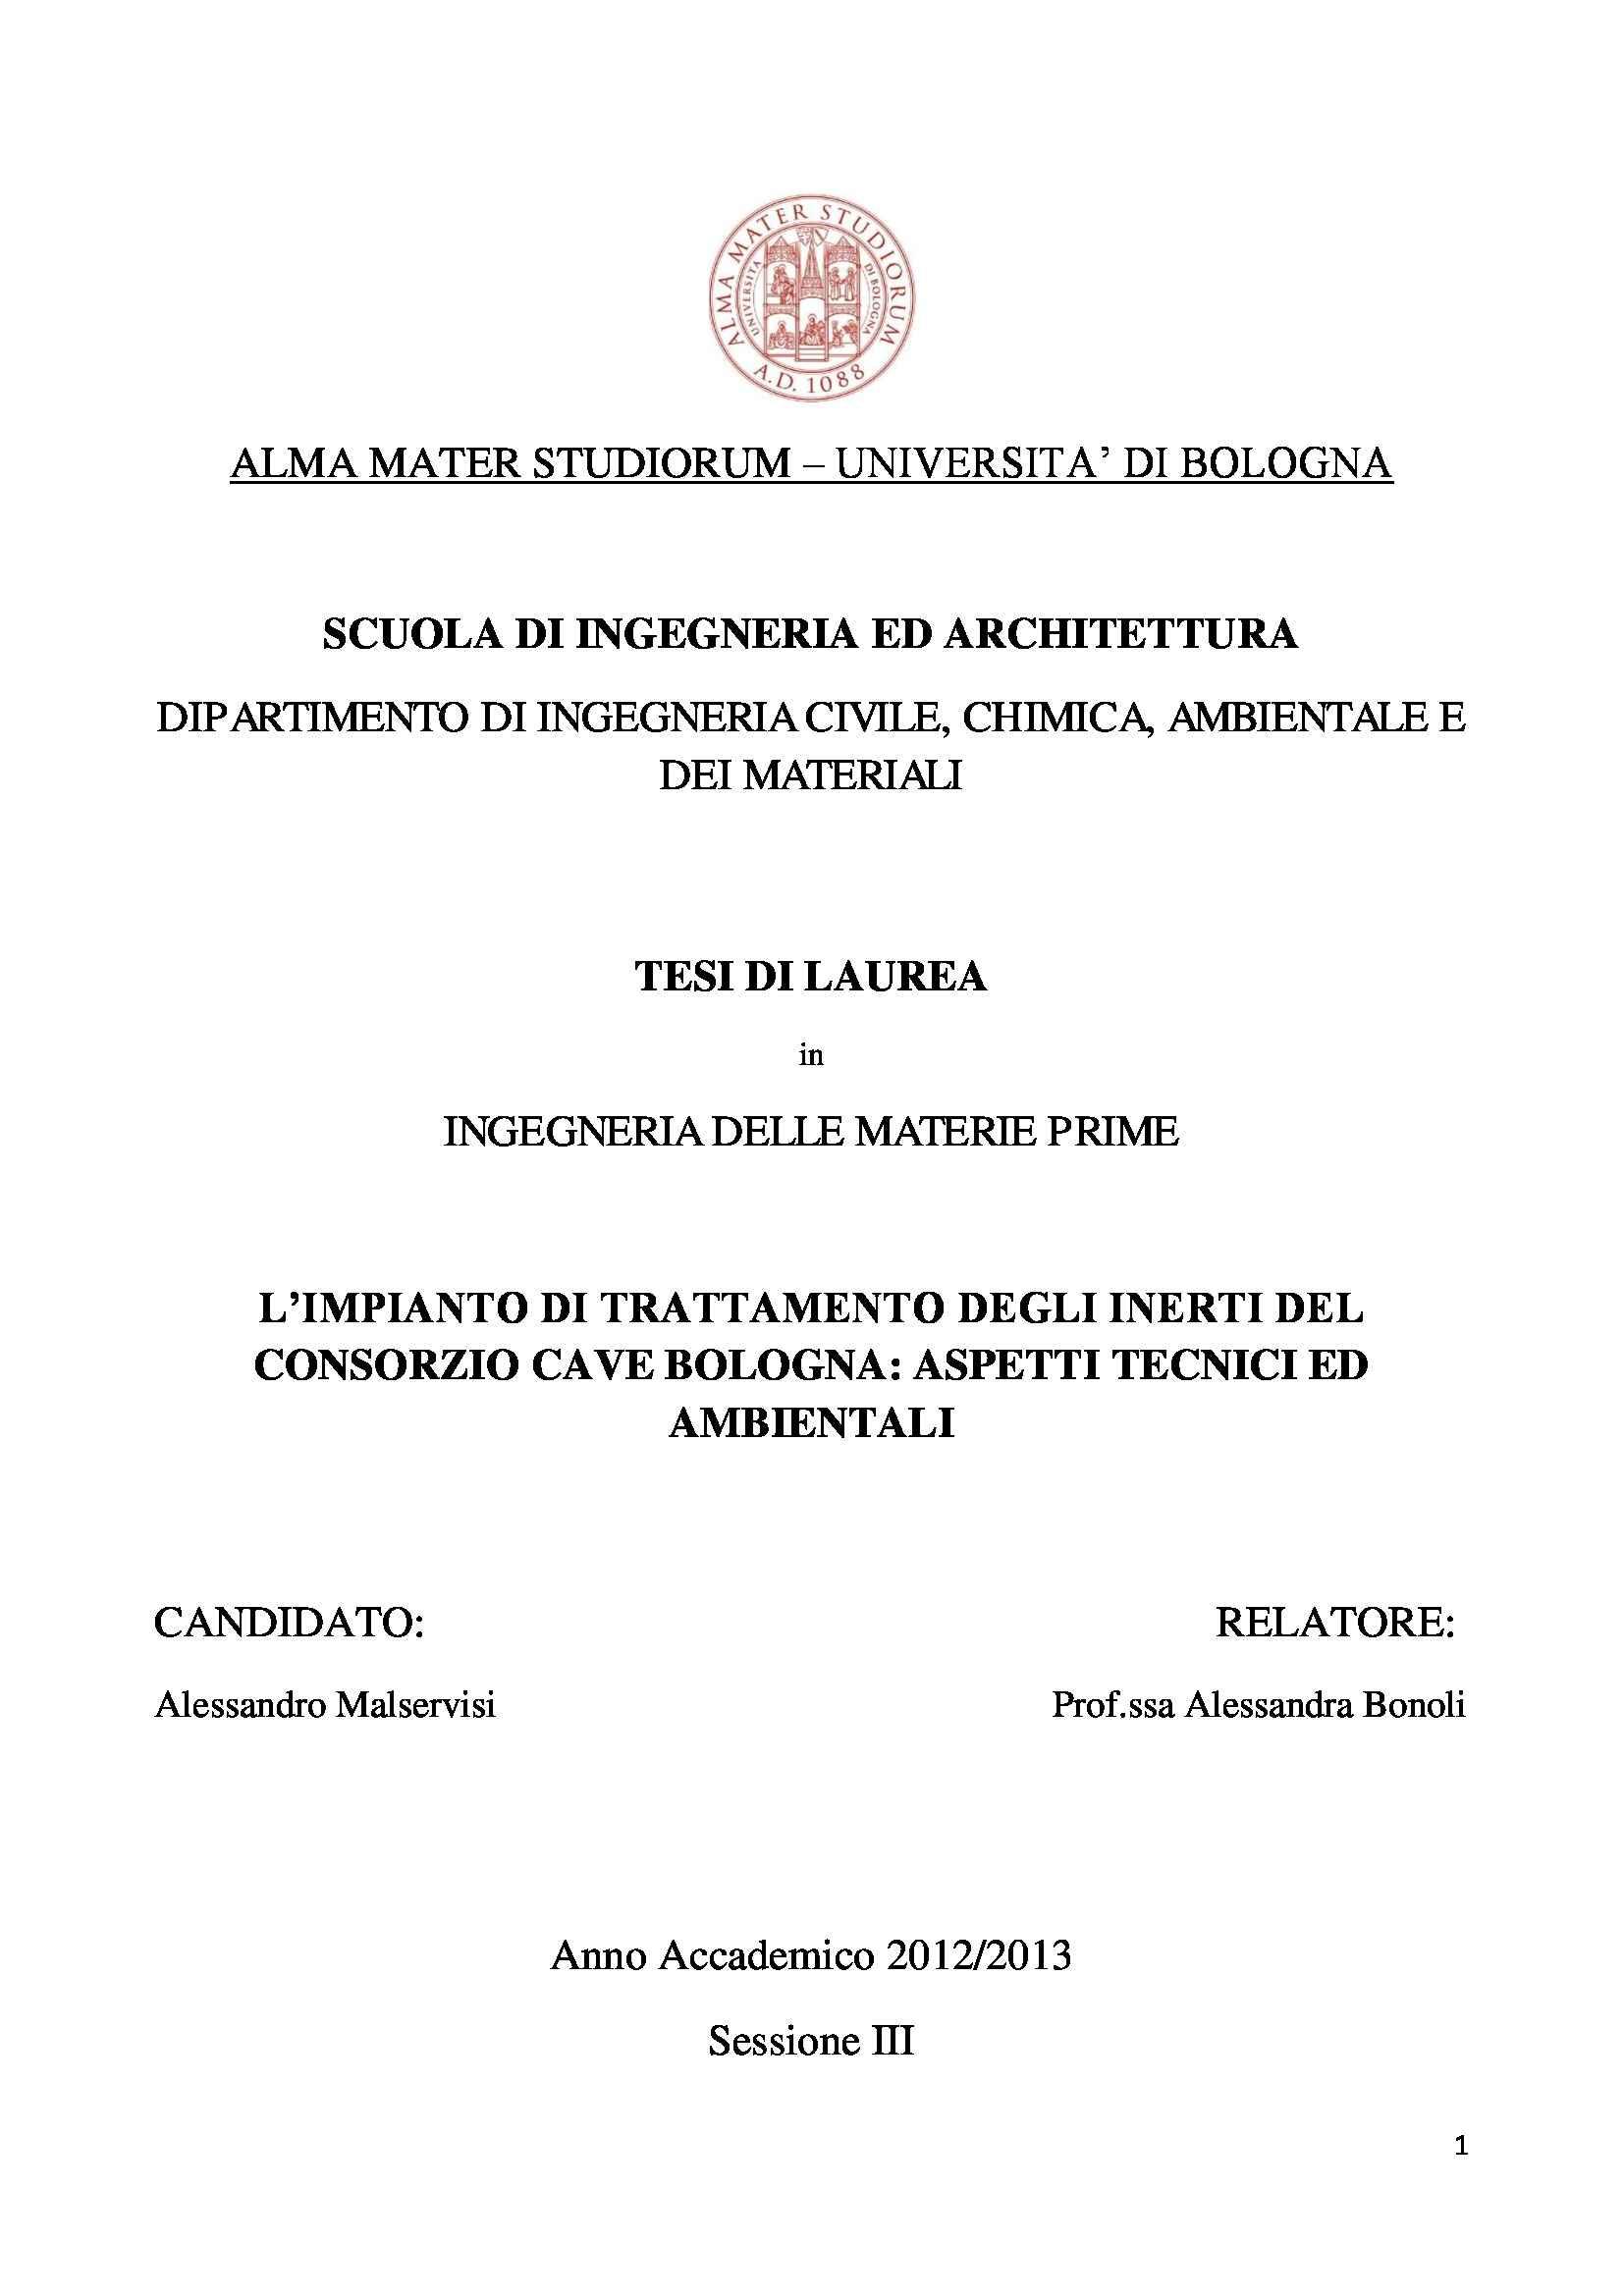 Tesi triennale - L'impianto di trattamento degli inerti del consorzio Cave Bologna: aspetti tecnici e ambientali